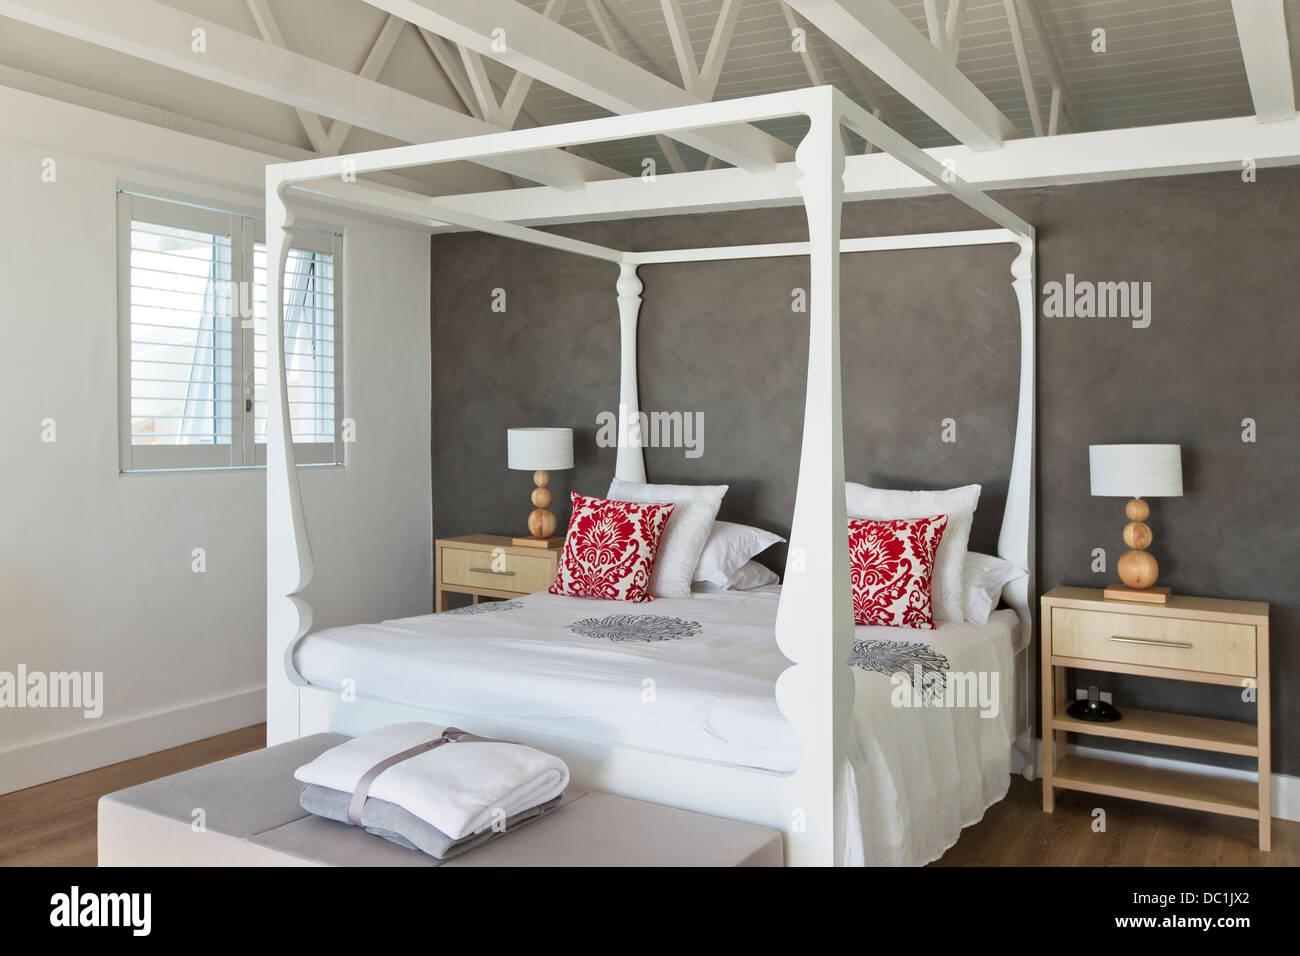 Entzuckend Himmelbett In Luxus Schlafzimmer